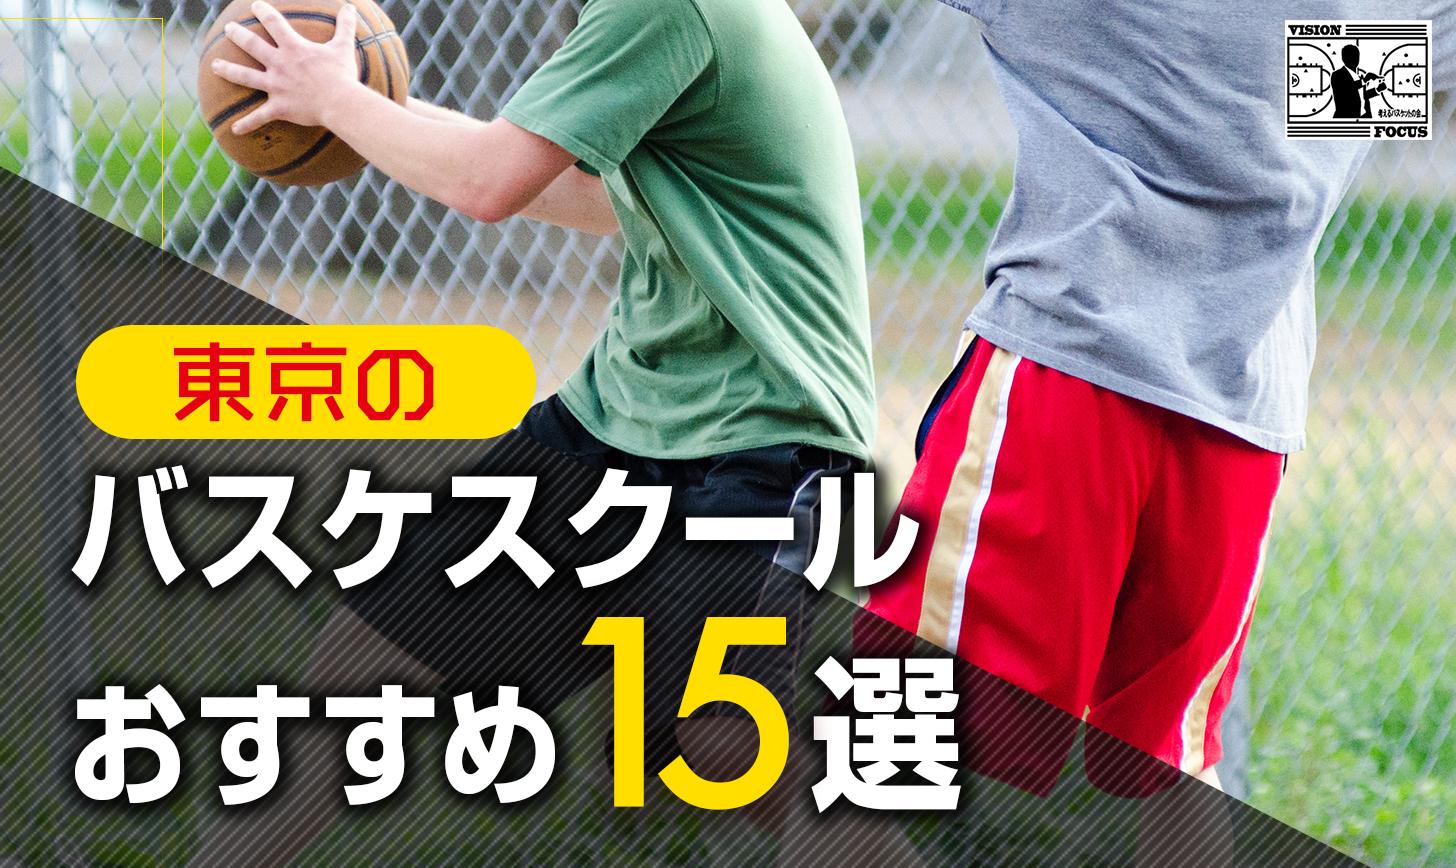 【完全版】東京のバスケスクールおすすめ15選!月謝や各スクールの特徴を徹底比較!